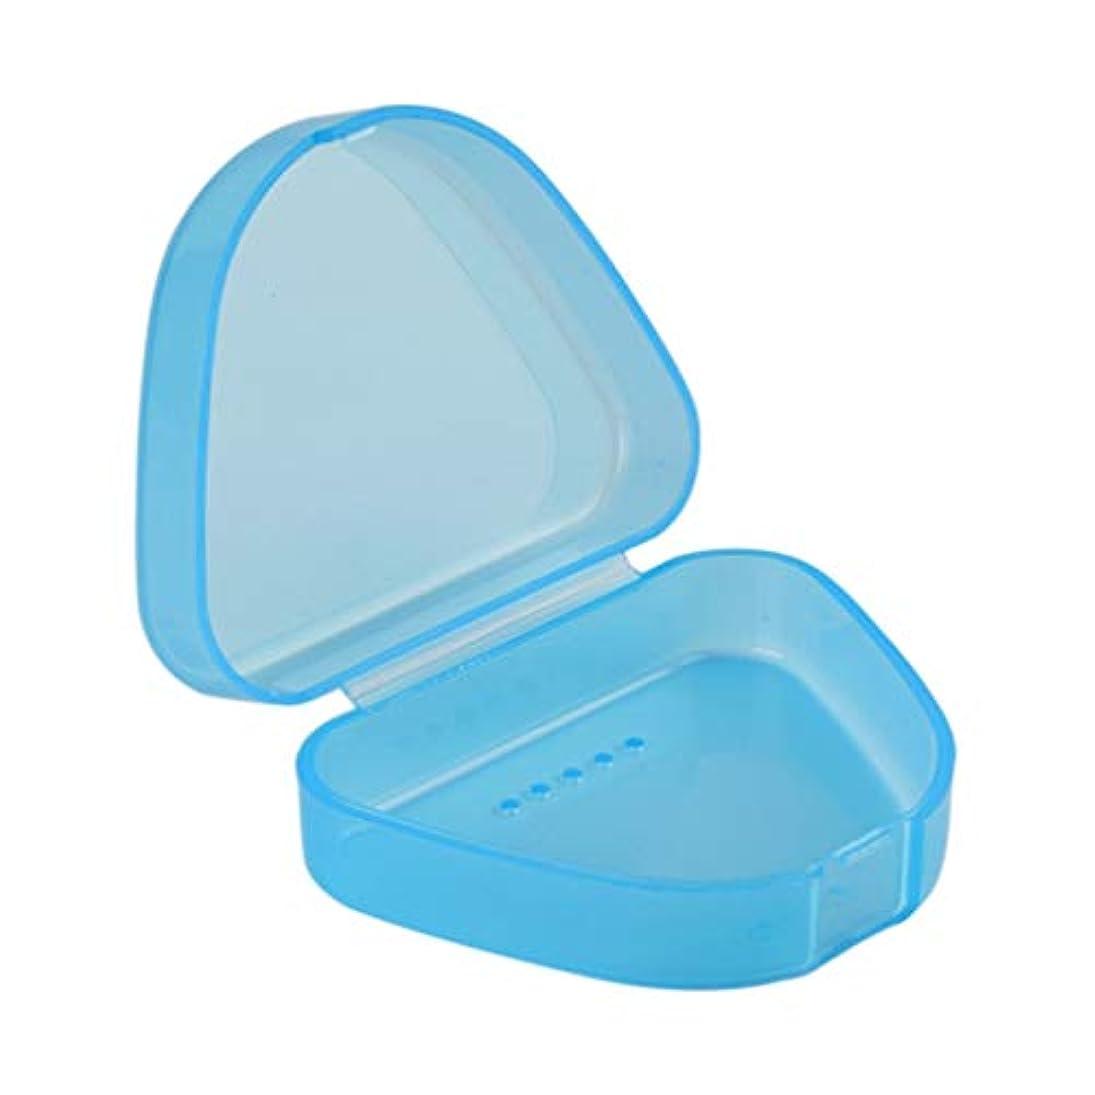 南方の主流ますますdailymall リテーナーボックス 義歯収納容器 入れ歯ケース プラスチック製 携帯用 全3色 - ブルー01